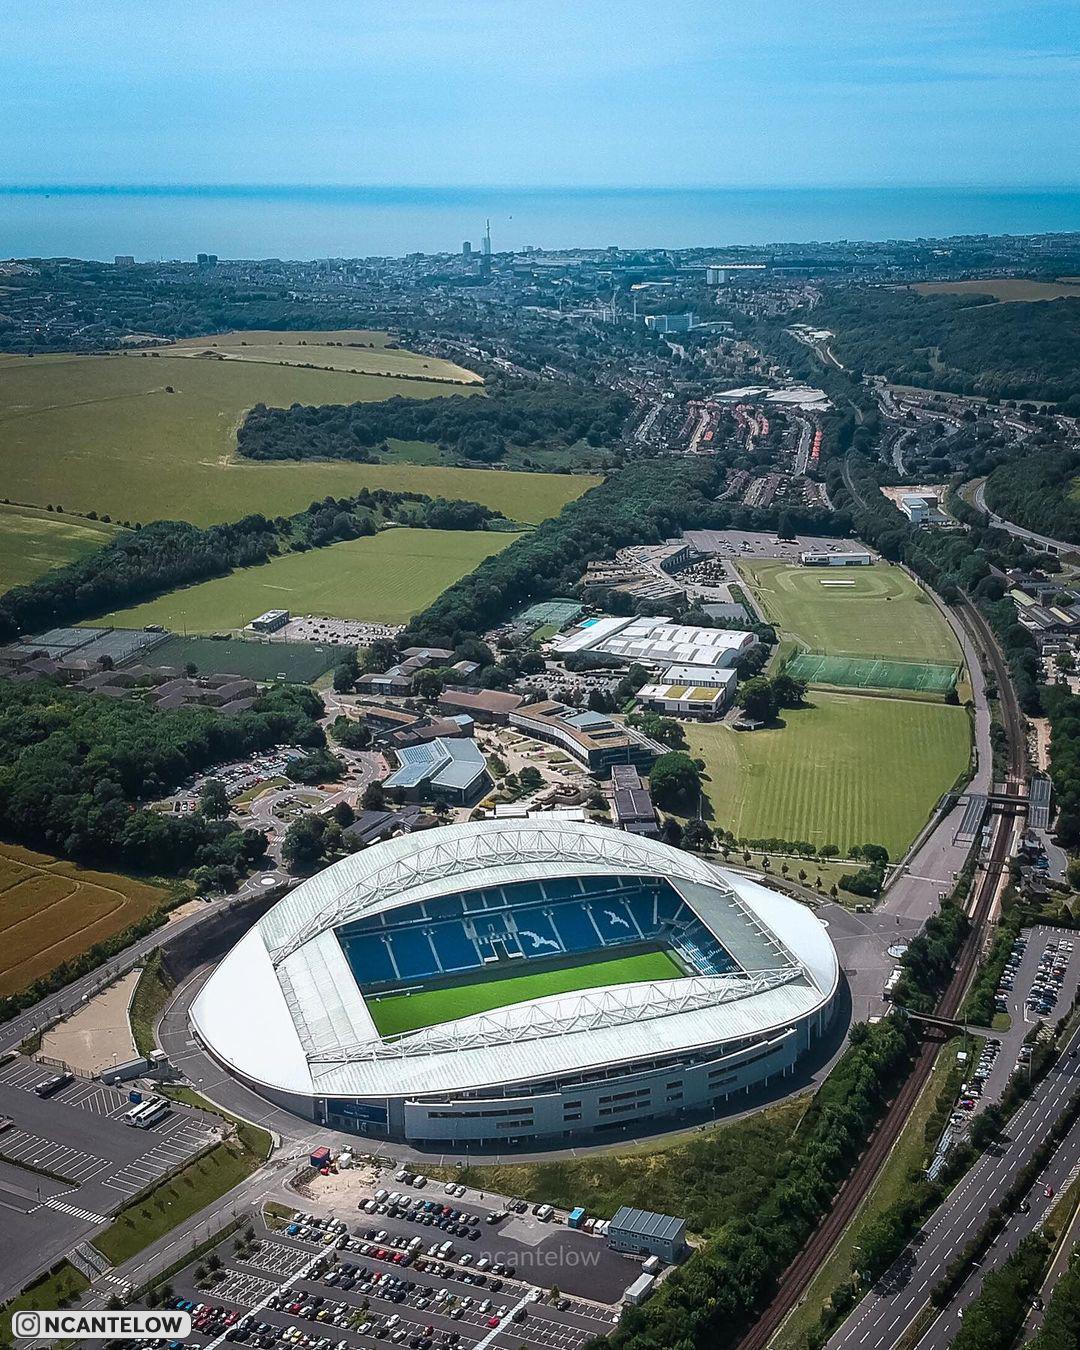 Фотографии с дронов английского стадиона «Фалмер», на котором выступает «Брайтон»